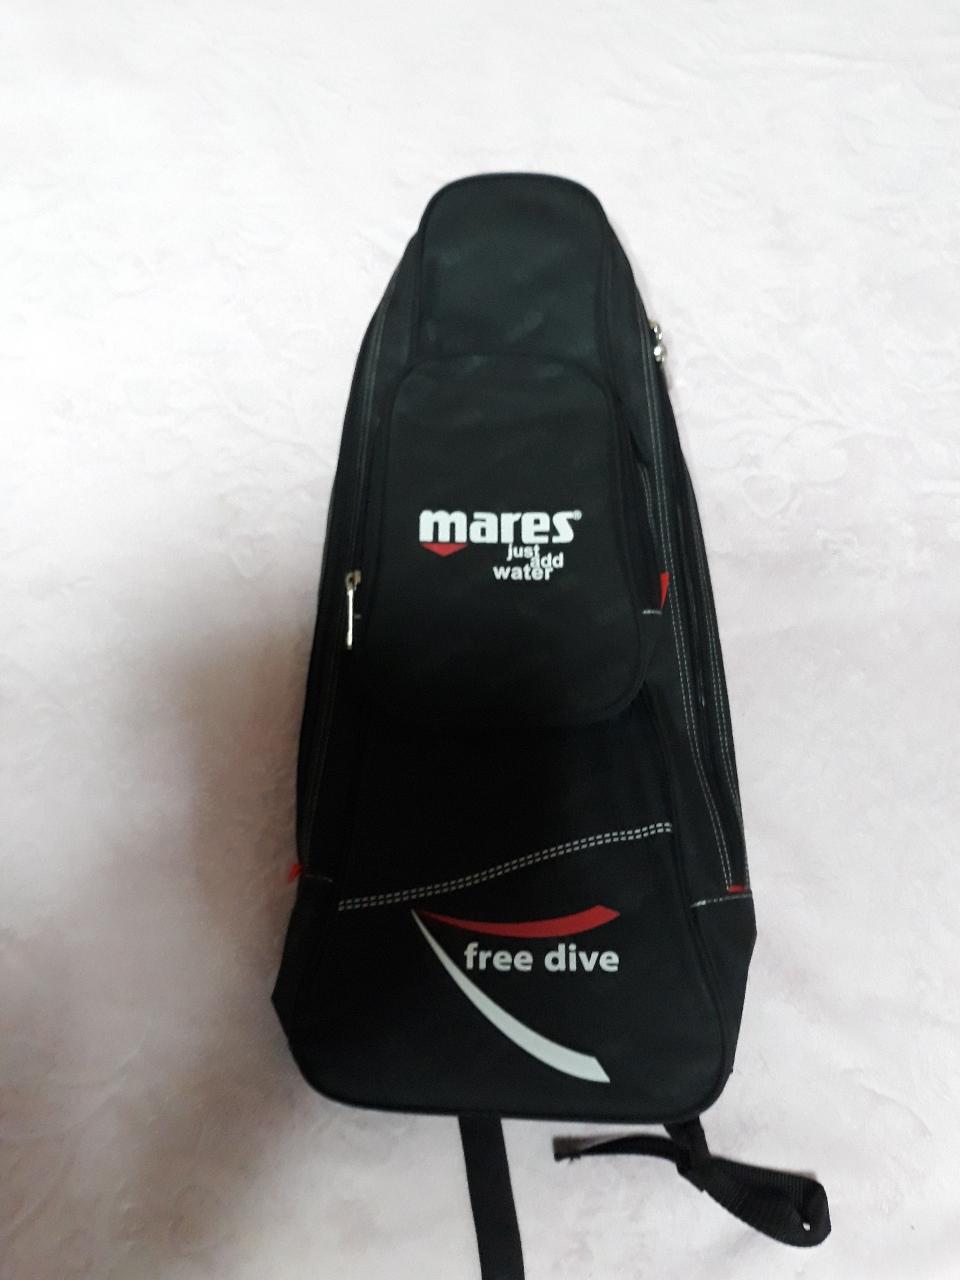 마레스 크루즈 핀 가방